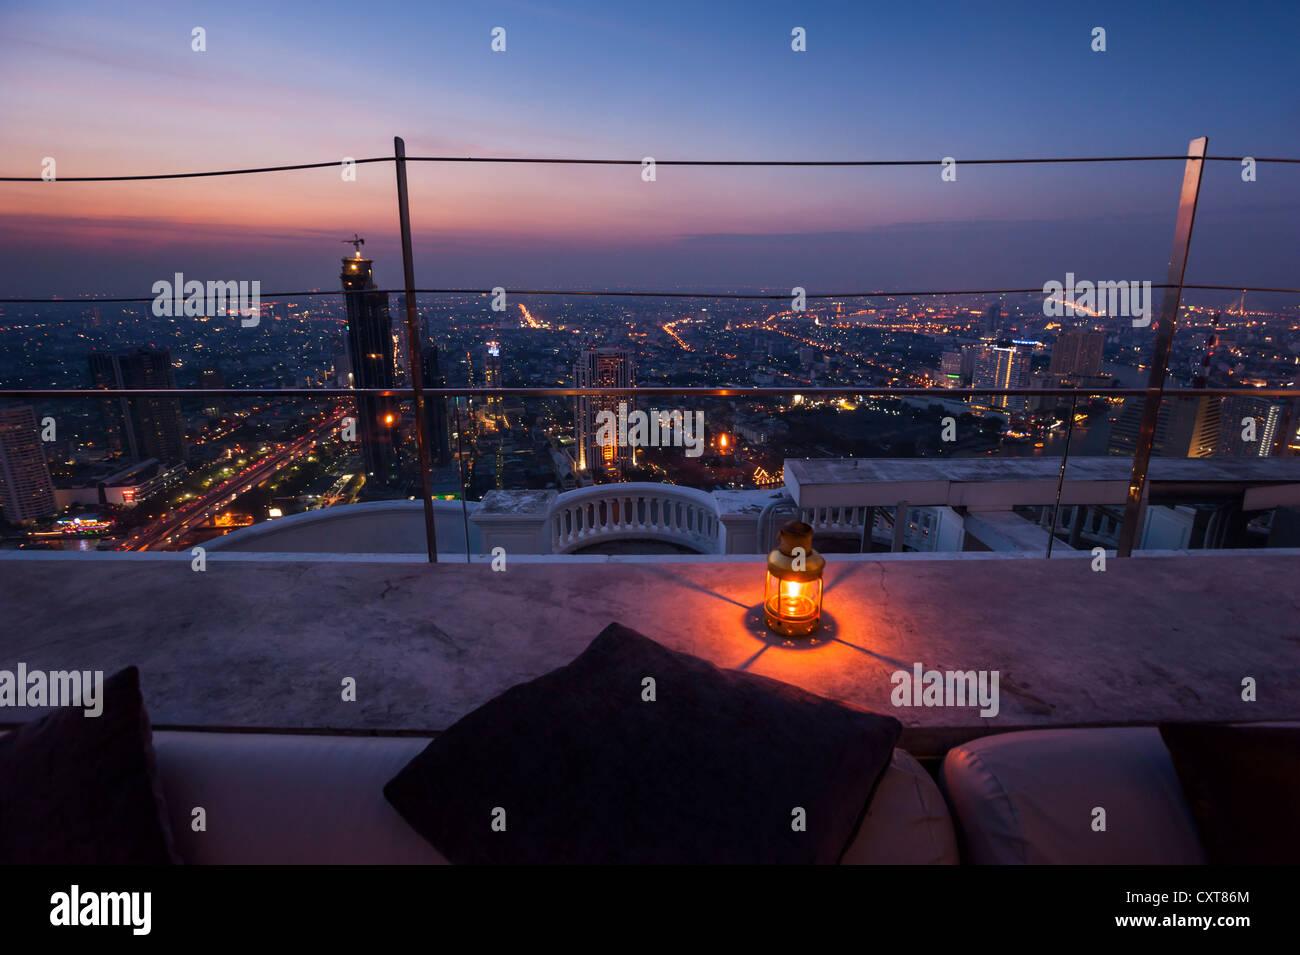 View of Bangkok at dusk, Sirocco Sky Bar, Bangkok, Thailand, Asia - Stock Image